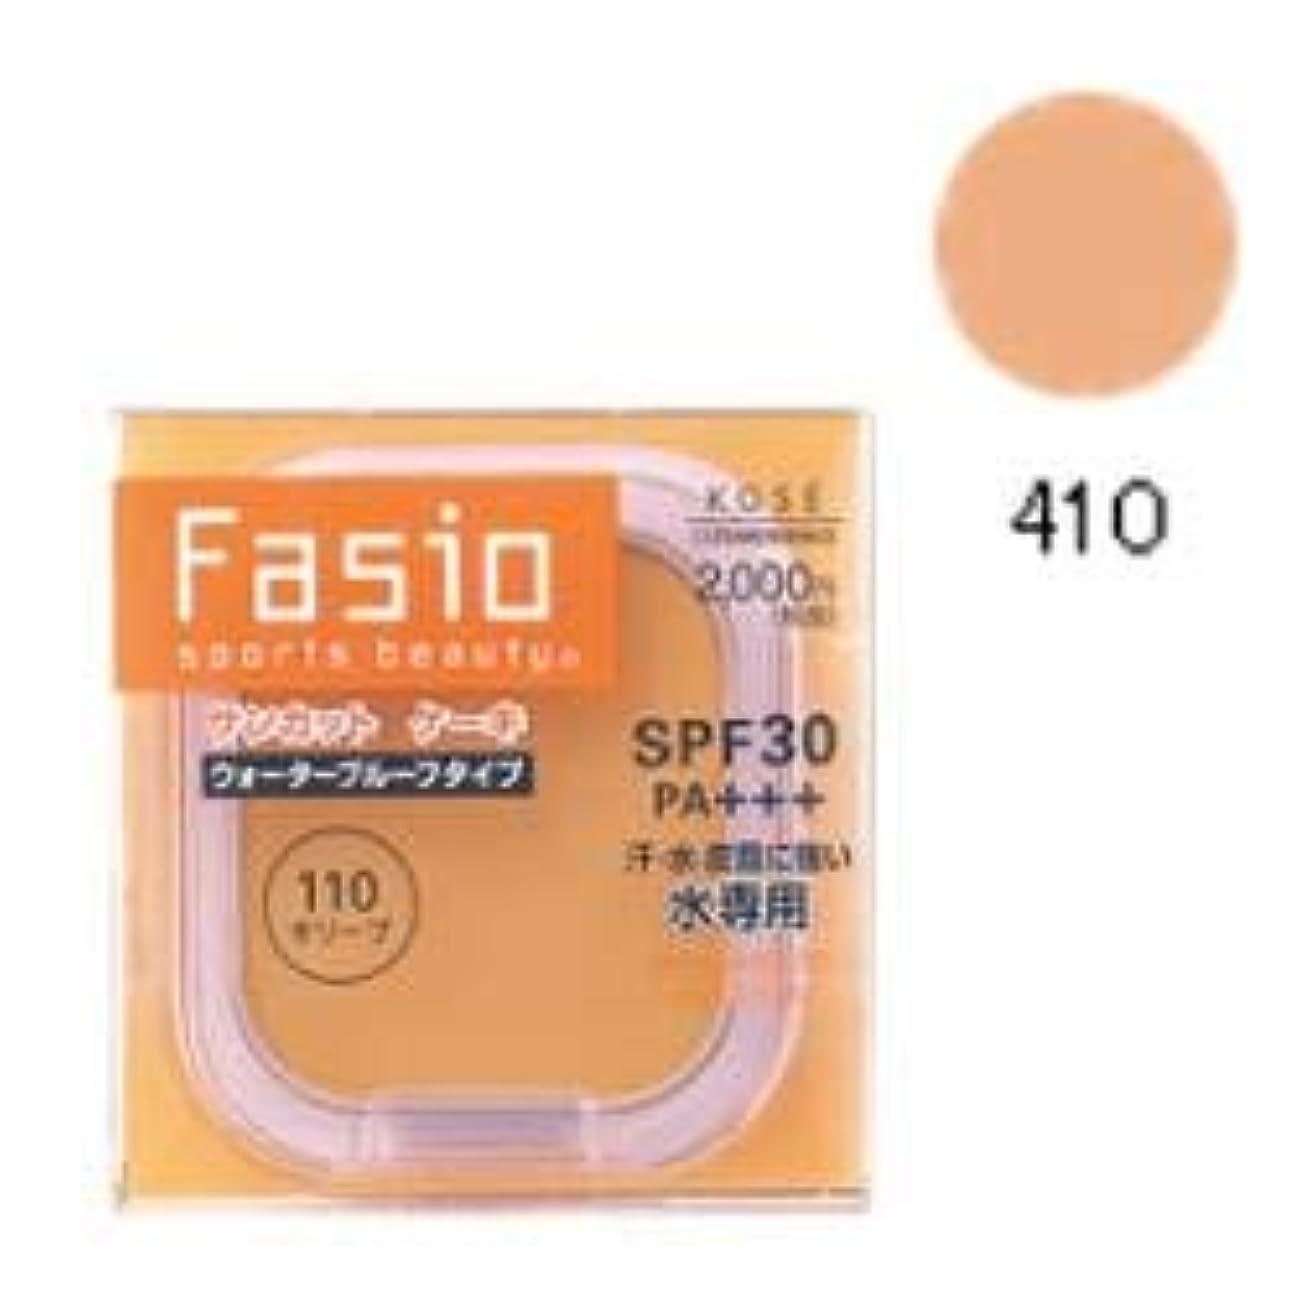 置くためにパック評決最高コーセー Fasio ファシオ サンカット ケーキ 詰め替え用 410